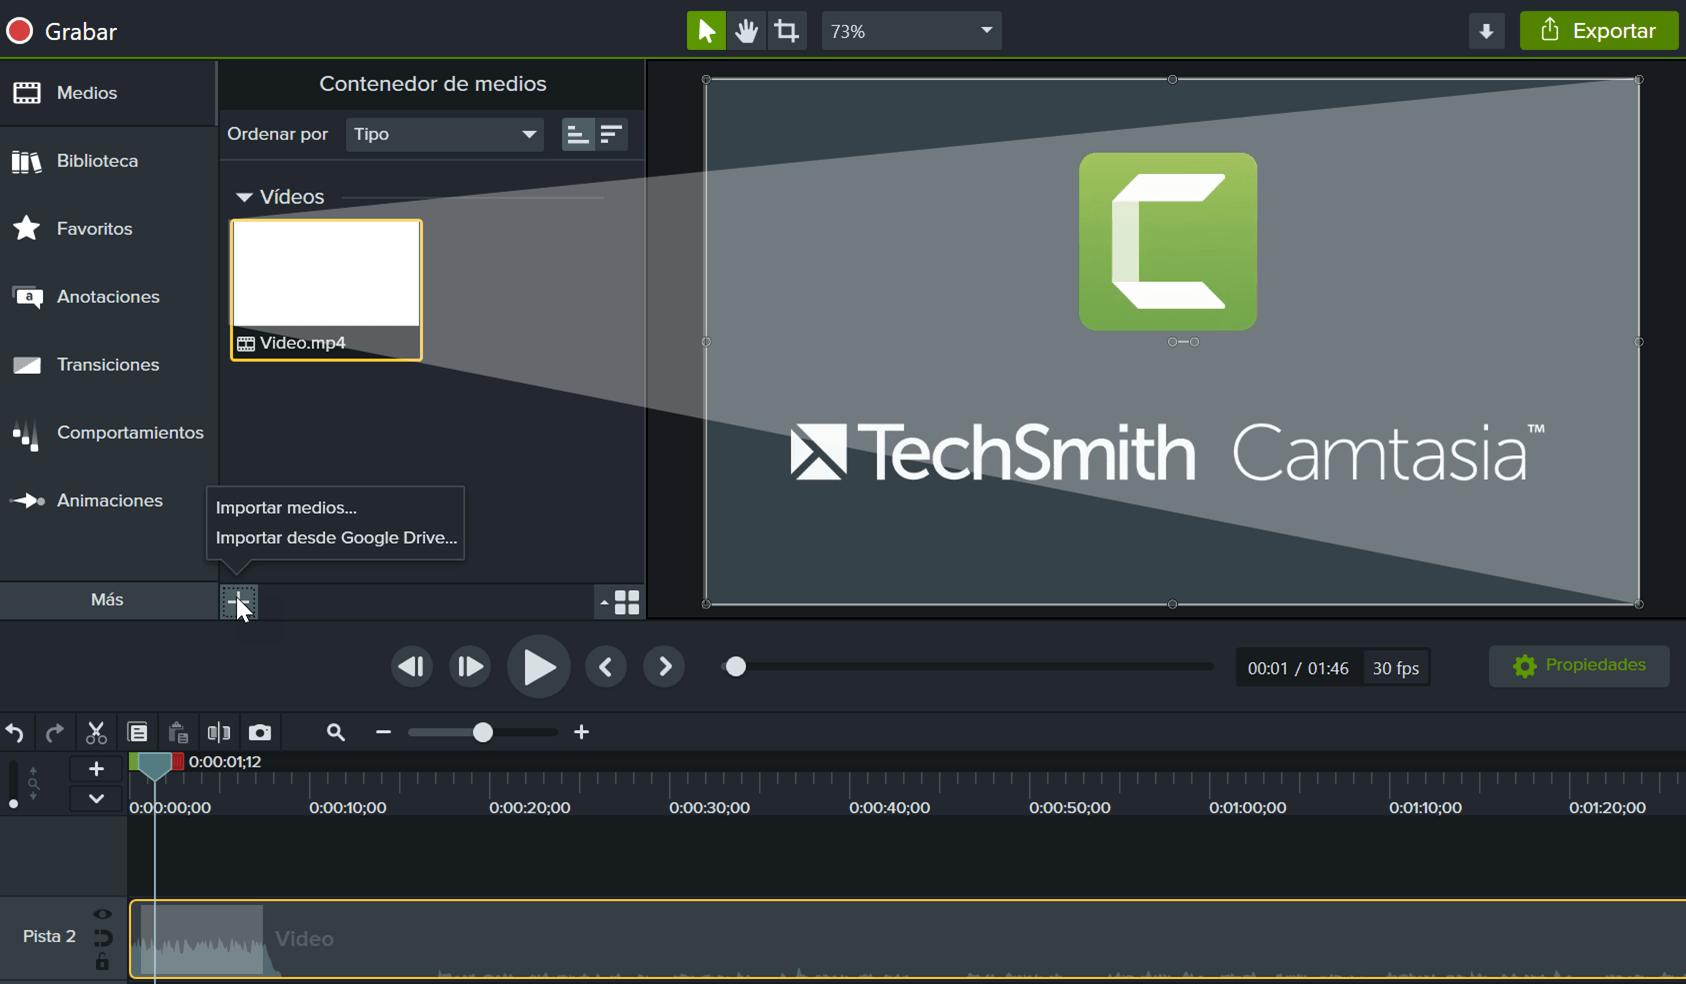 Importa tus propios vídeos, fotos y diapositivas.